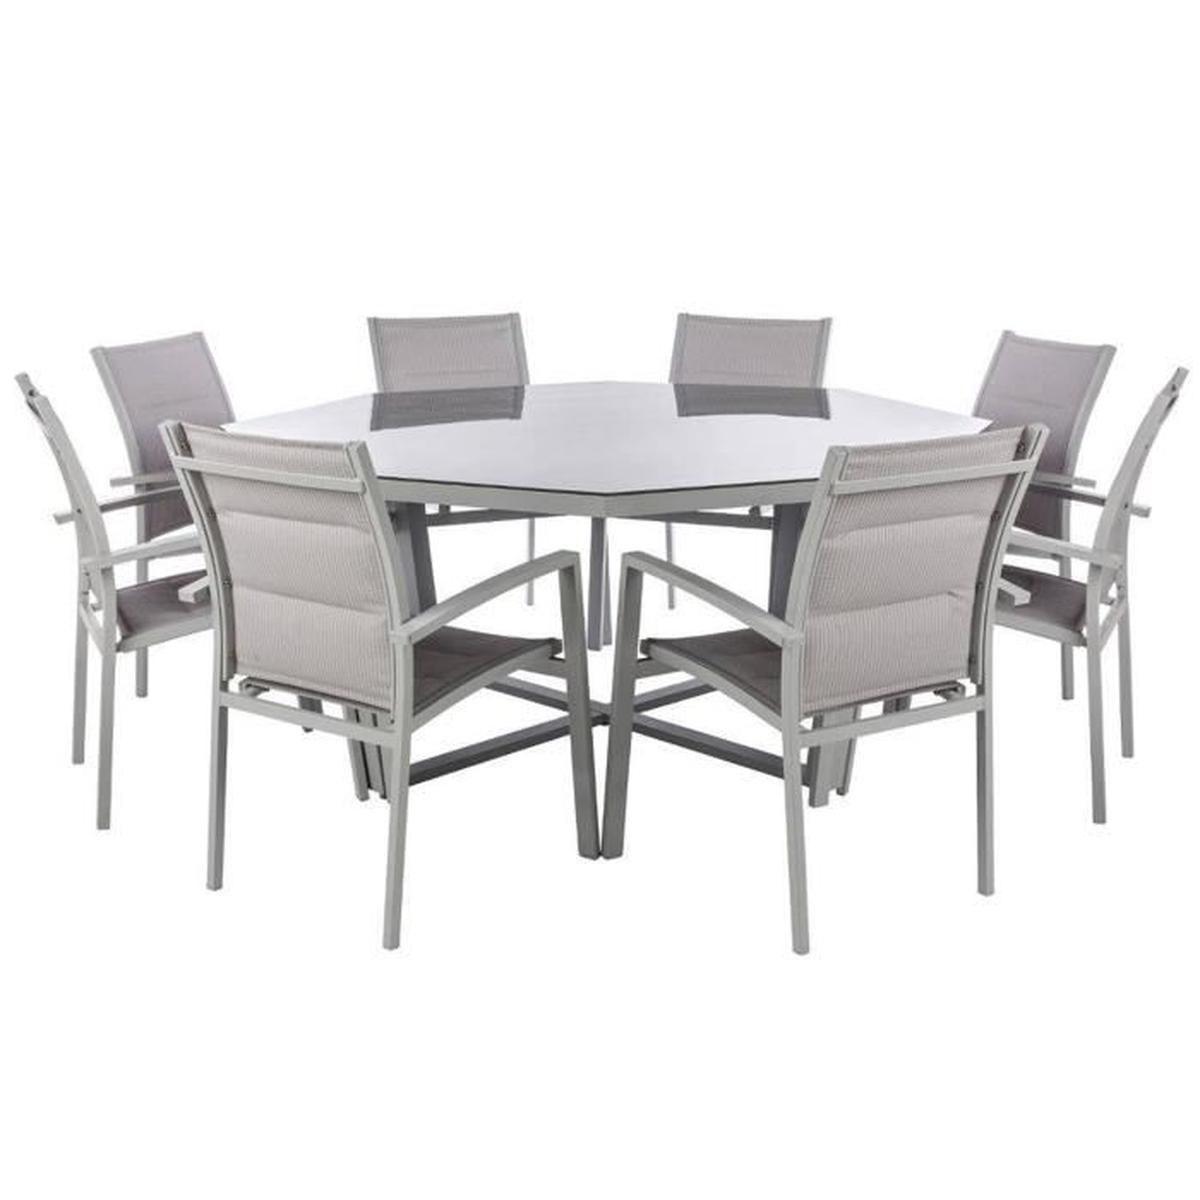 Table Octogonale En Aluminium Et Verre Trempé Coloris Galet ... pour Table De Jardin C Discount